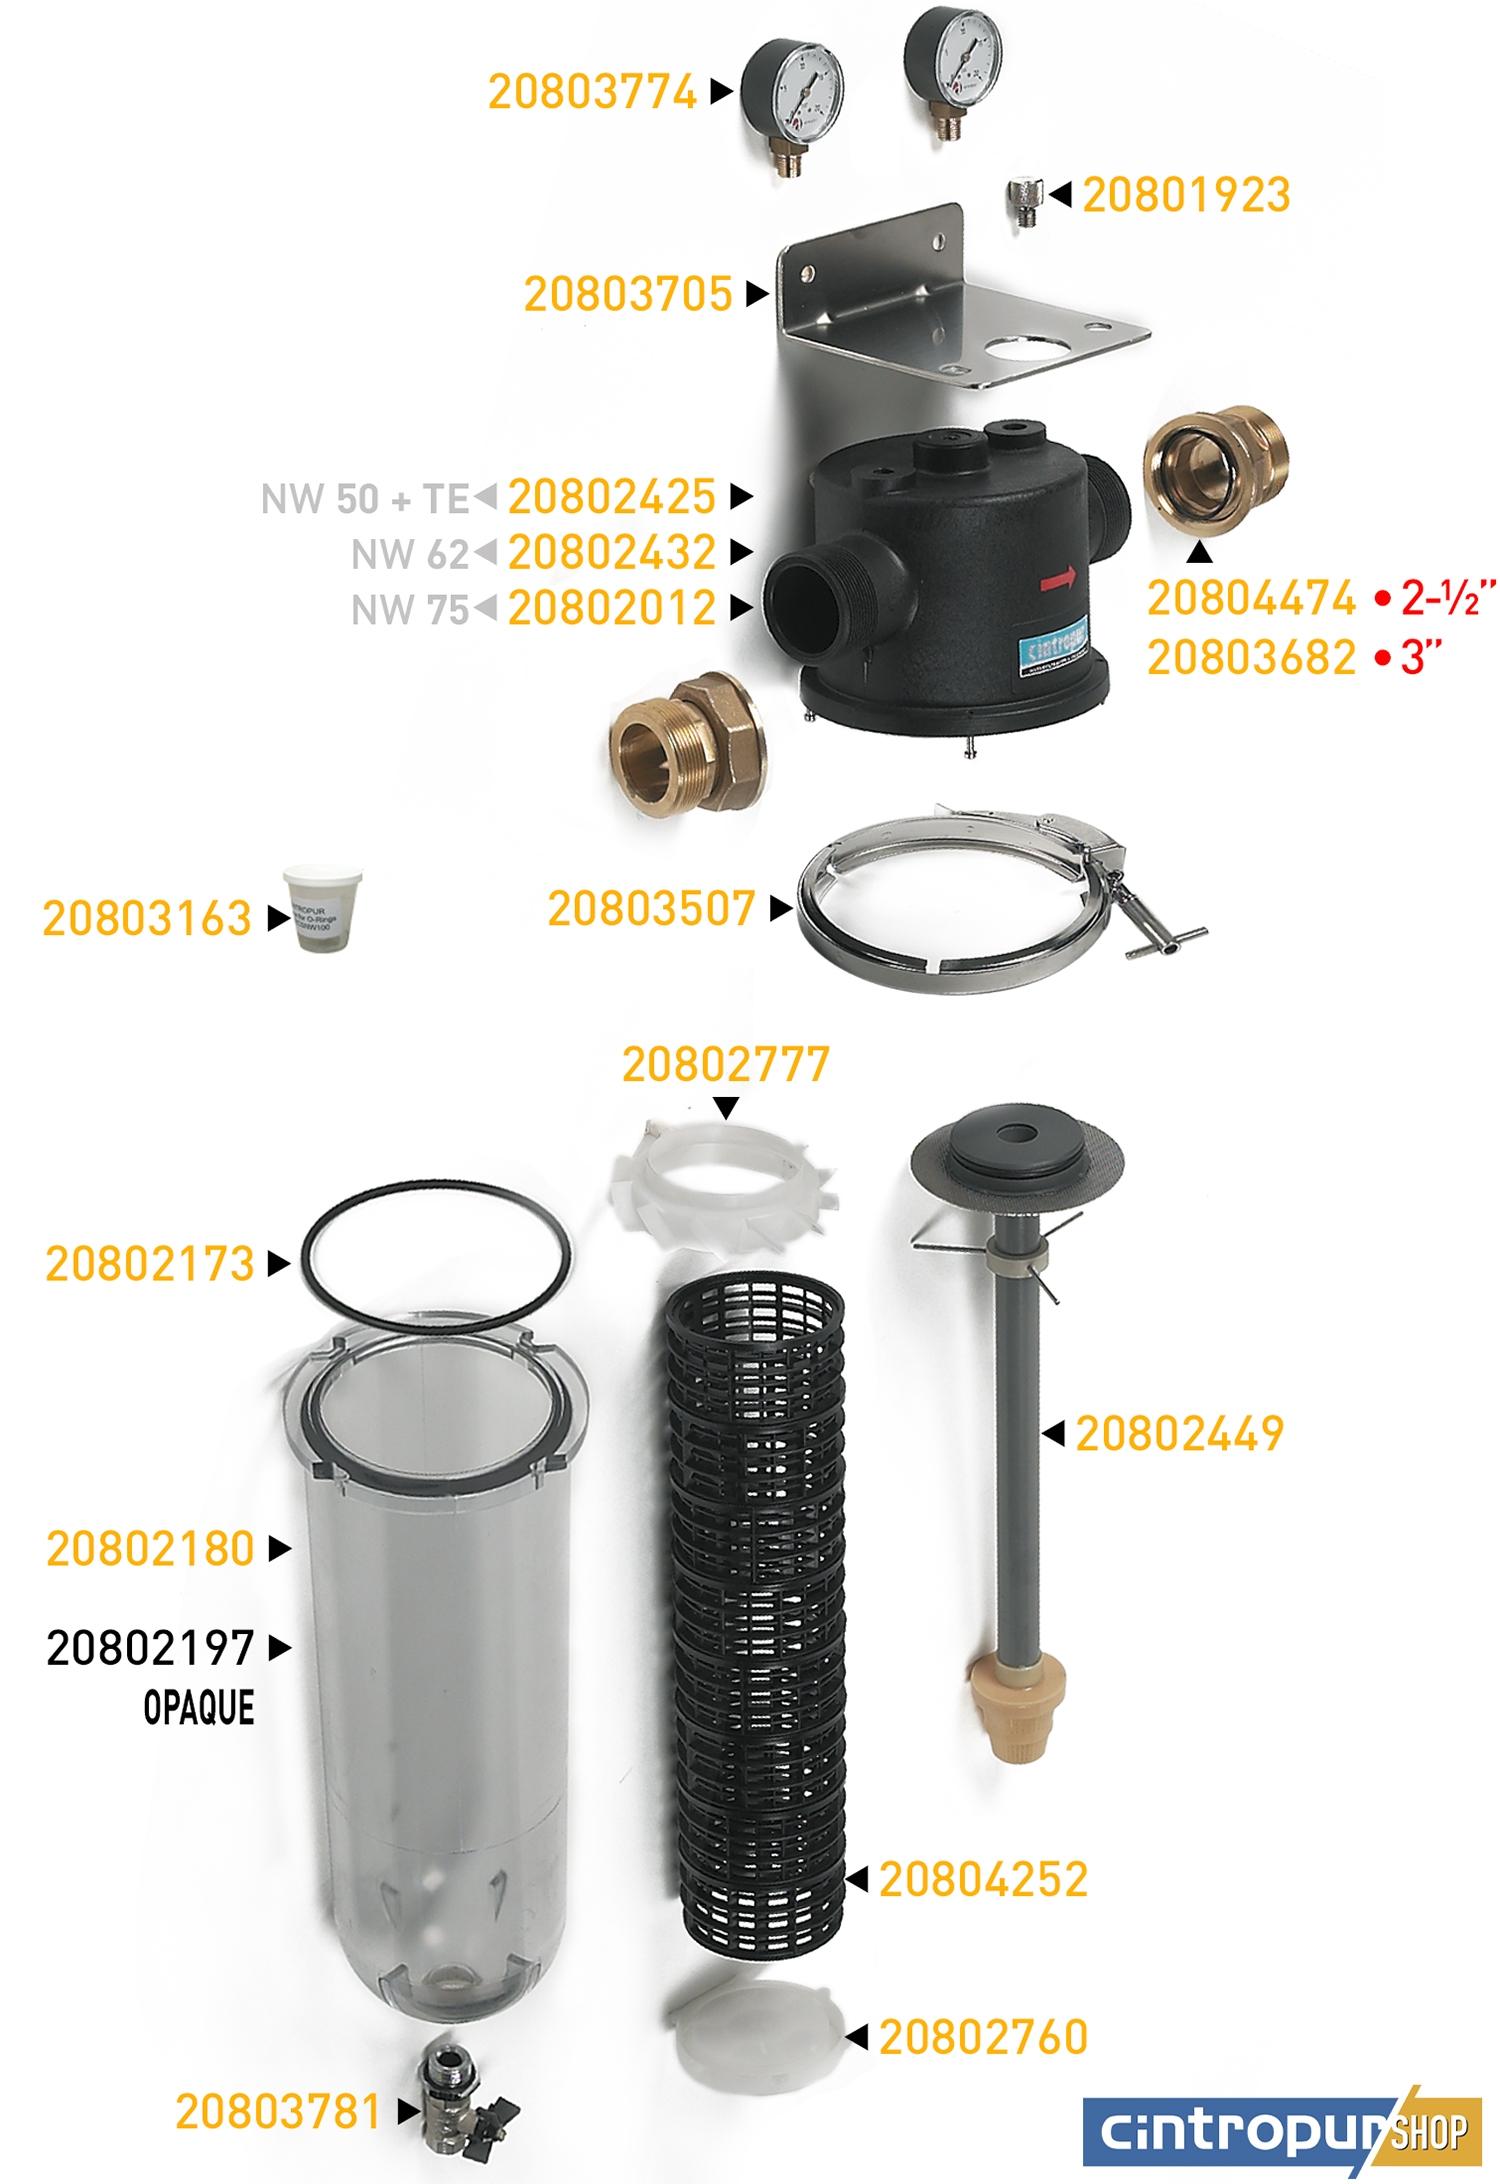 Dessin des pièces détachées Cintropur de la gamme ancien Industrial avec code UGS